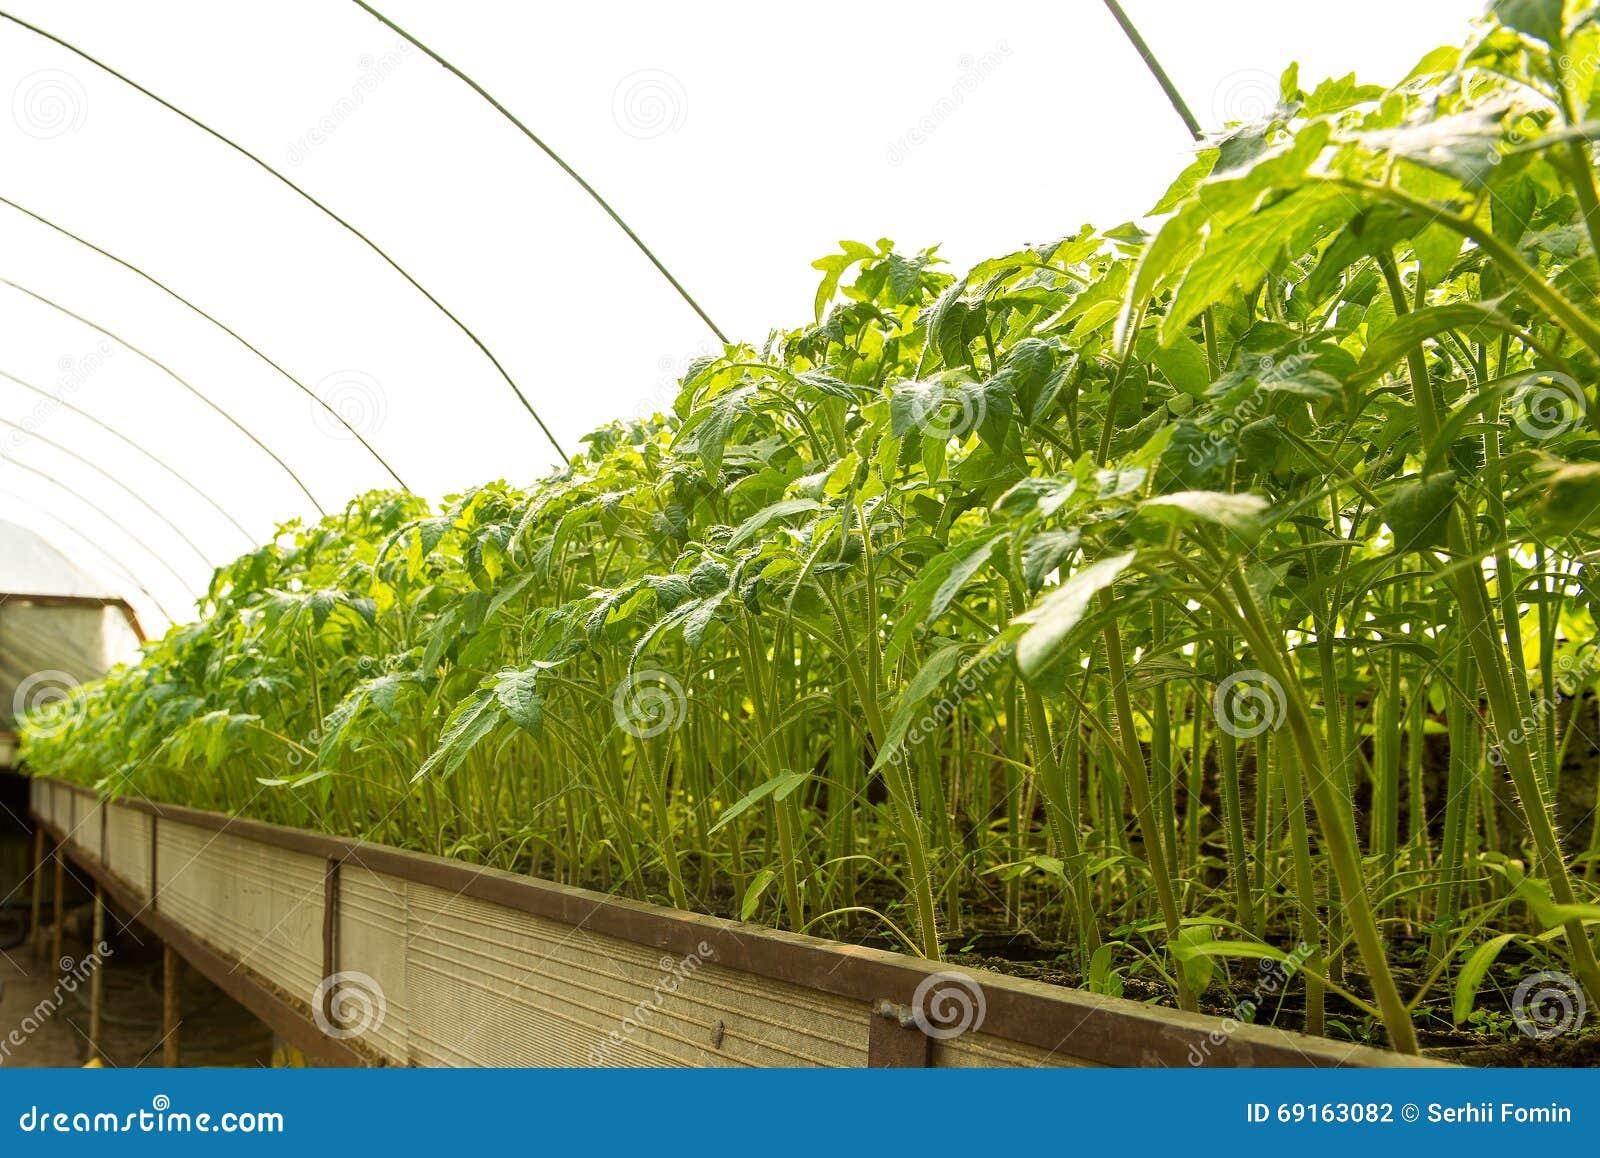 Plantes De Tomate Et Plantes De Concombre En Serres Chaudes ...